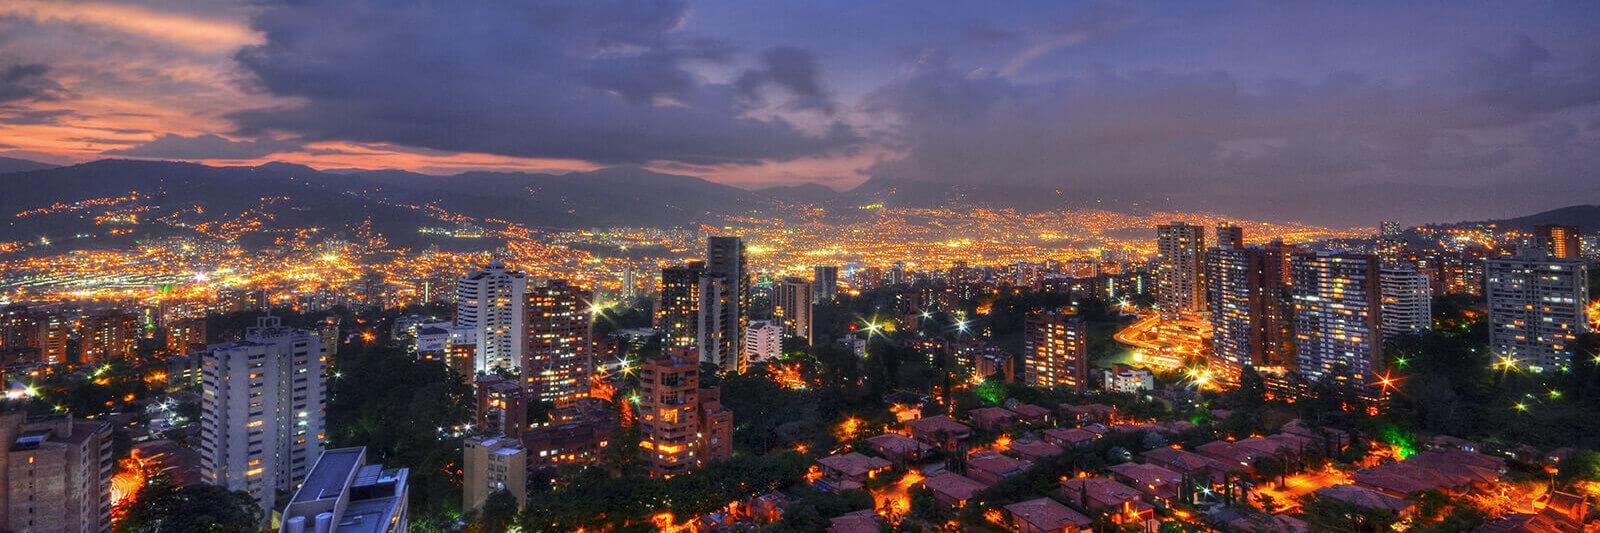 Medellín, Colombia at night